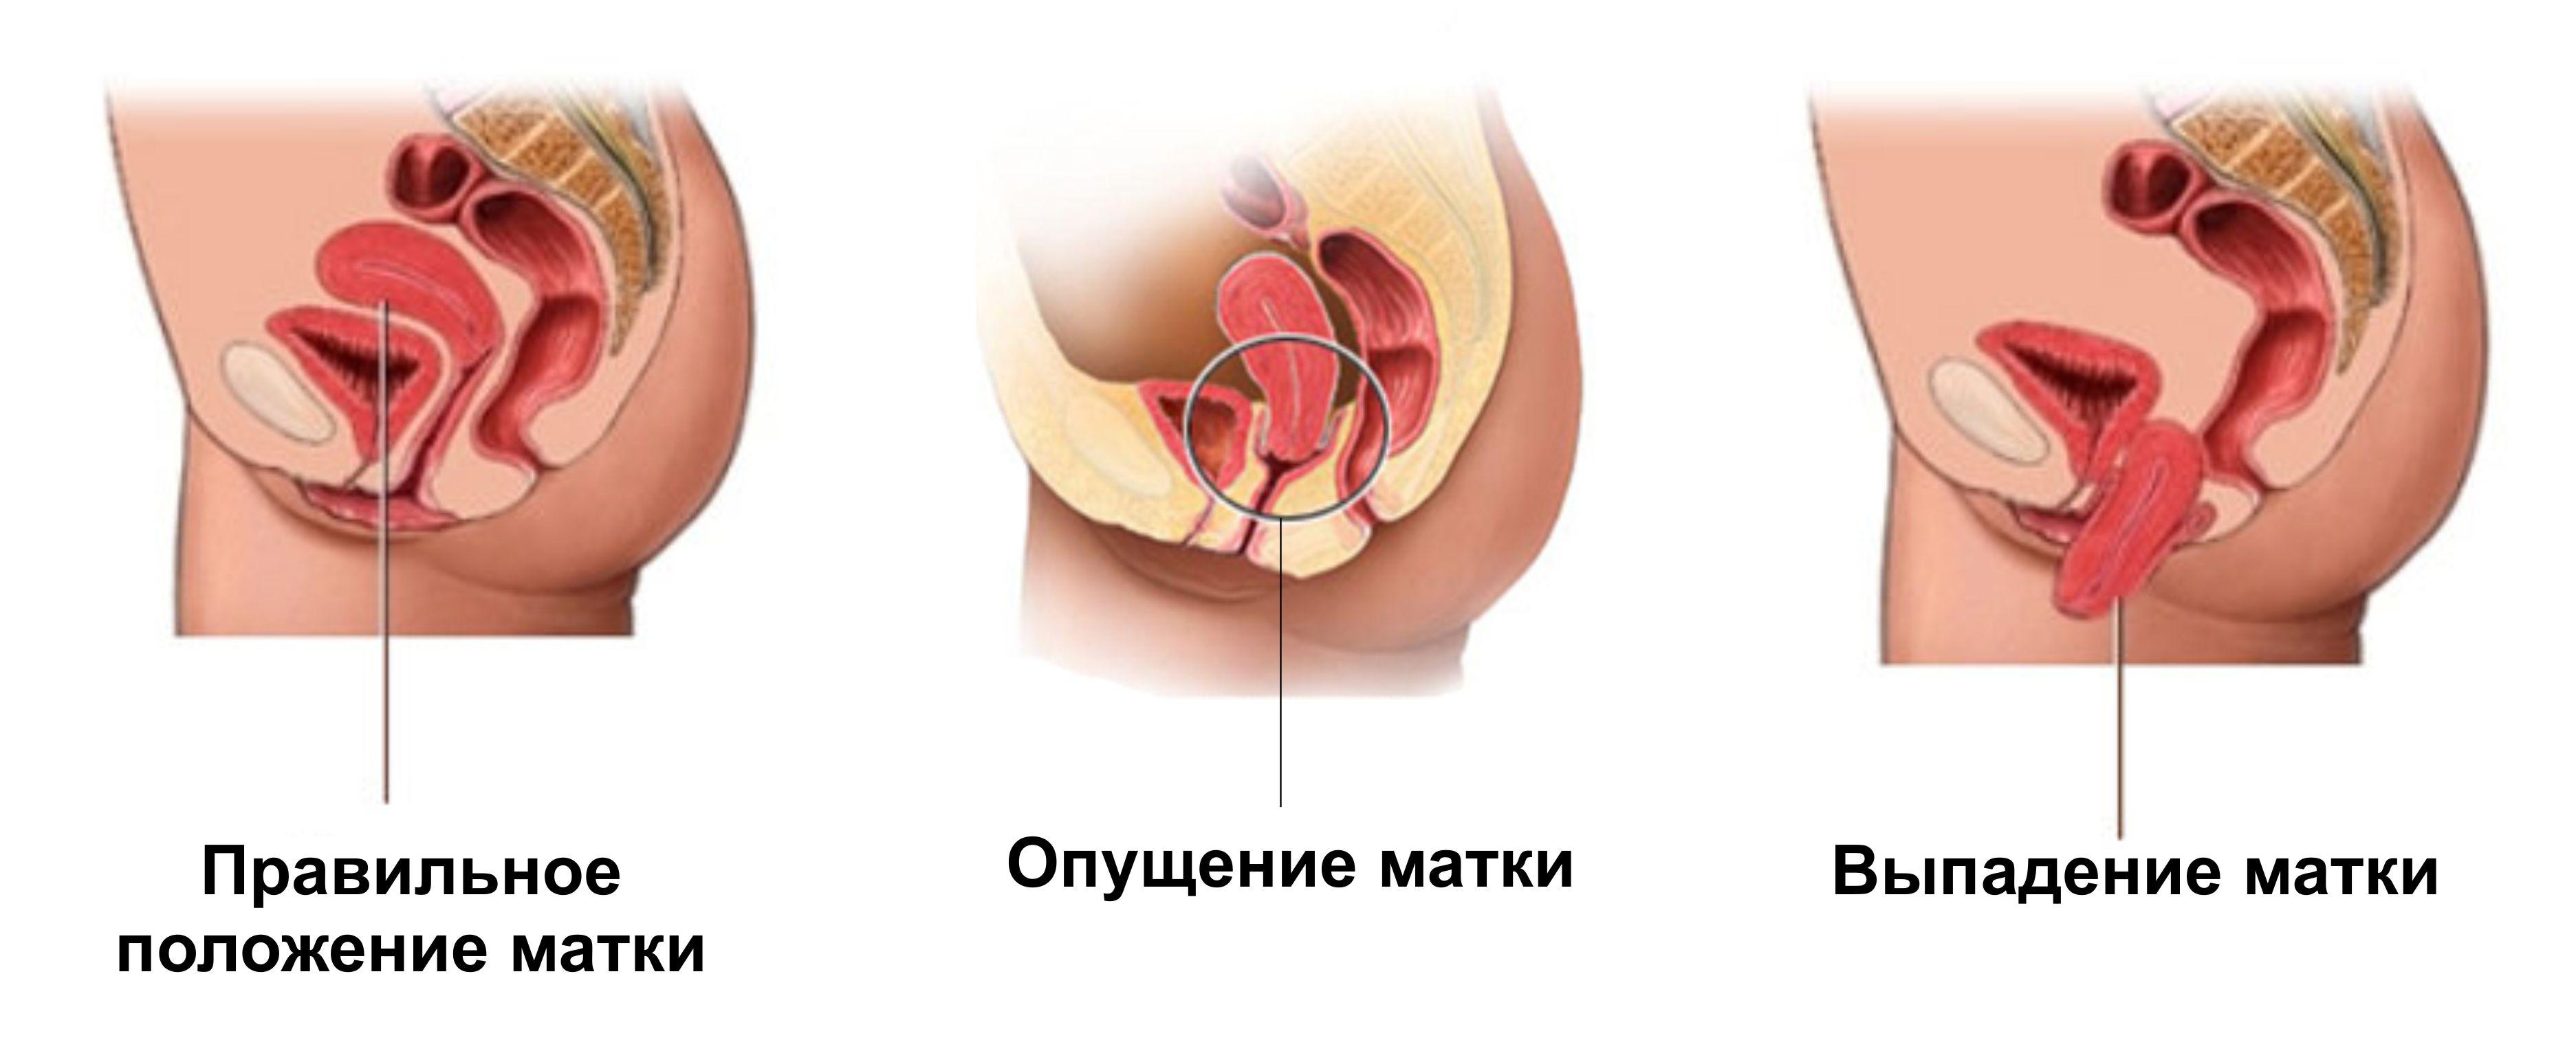 Операция выпадения матки пожилых женщин